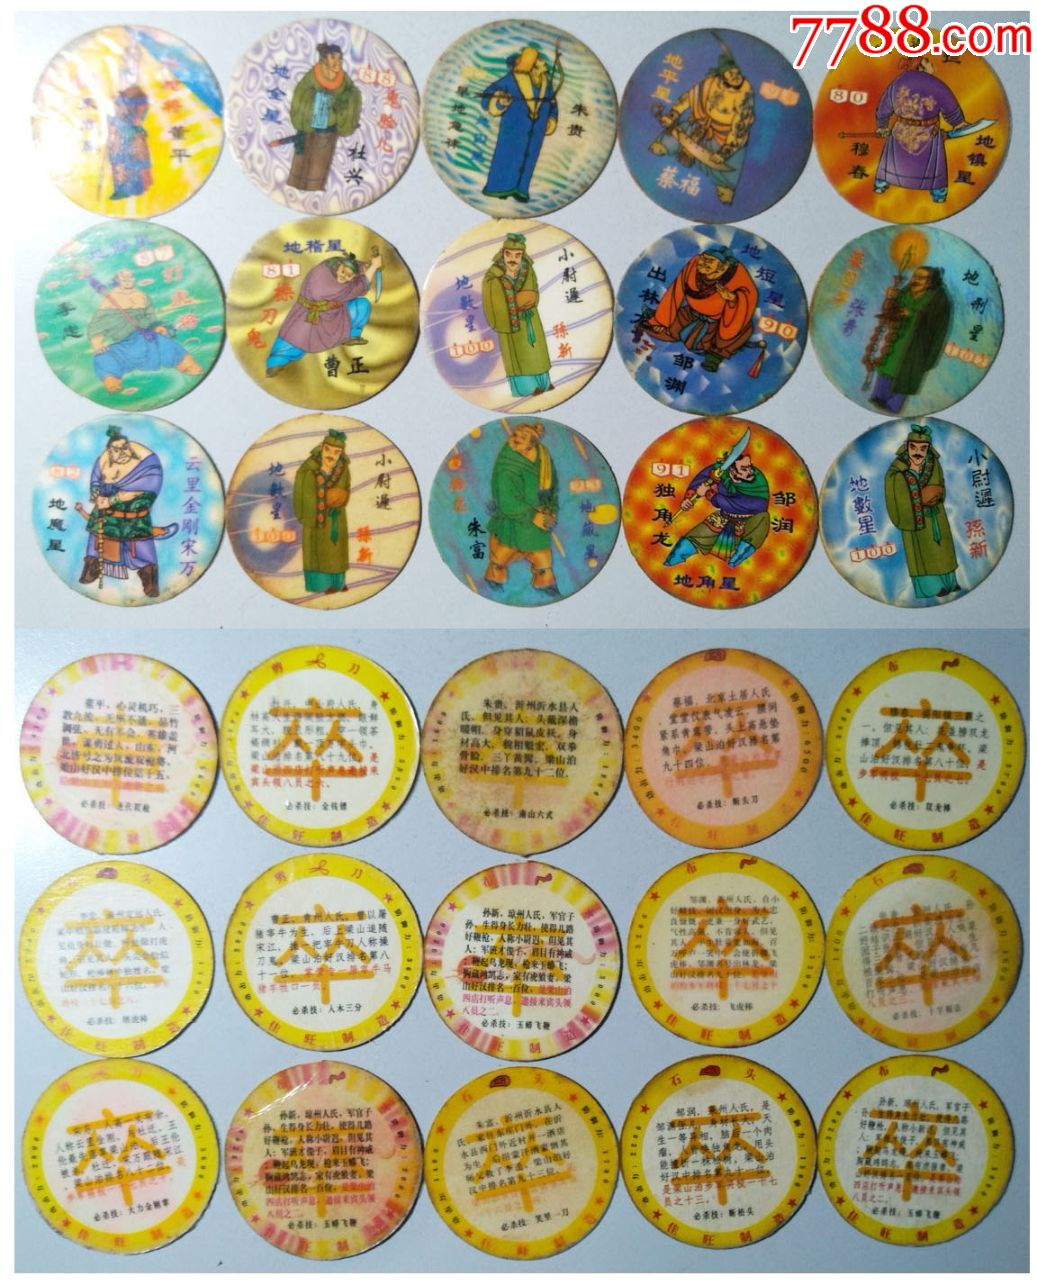 象棋-古代名著漫画食品圆卡一组百余枚_价格7566元_第3张_